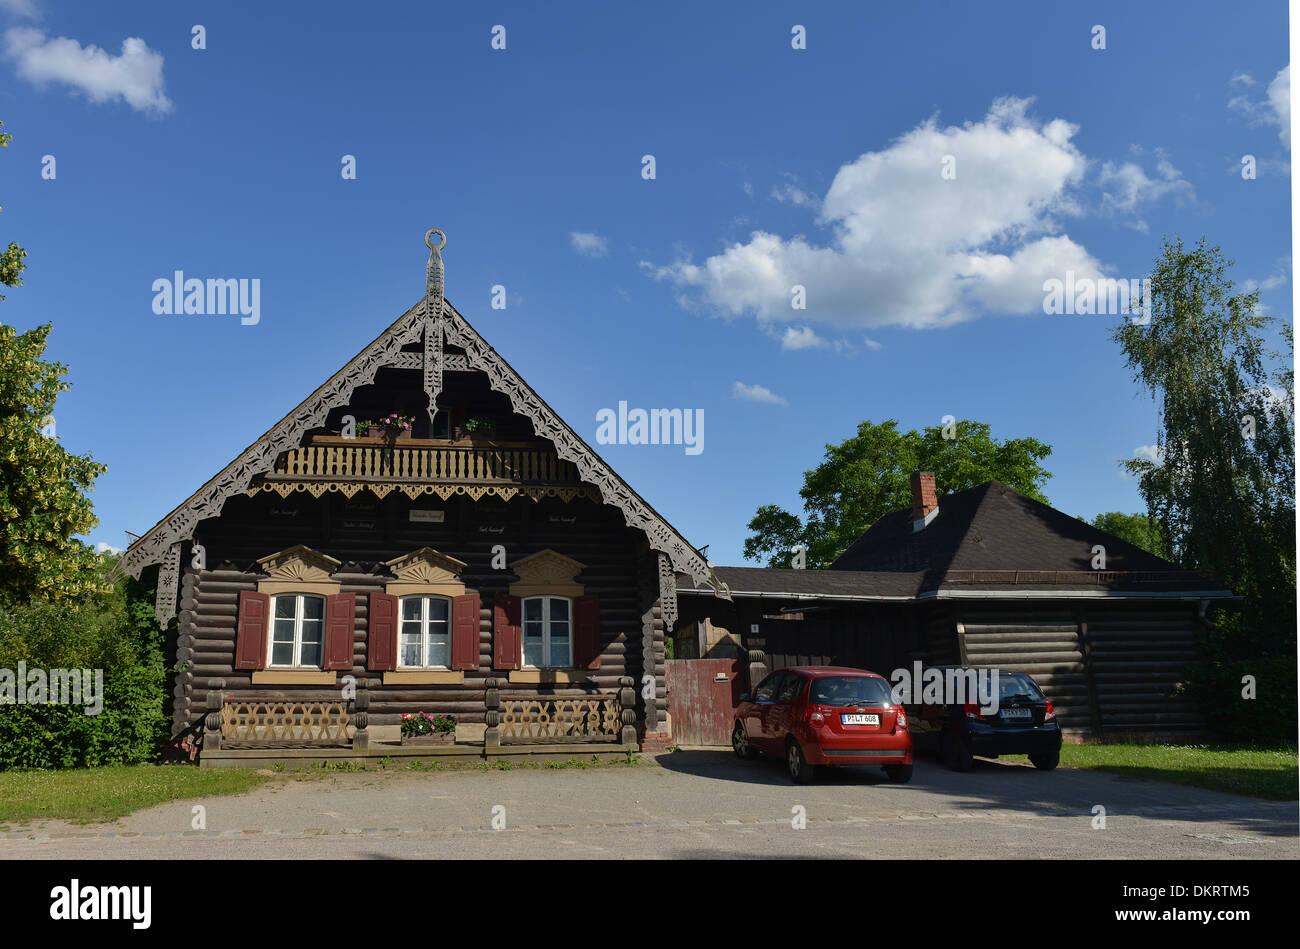 Beeindruckend Russisches Holzhaus Galerie Von , Russische Kolonie, Potsdam, Brandenburg, Deutschland